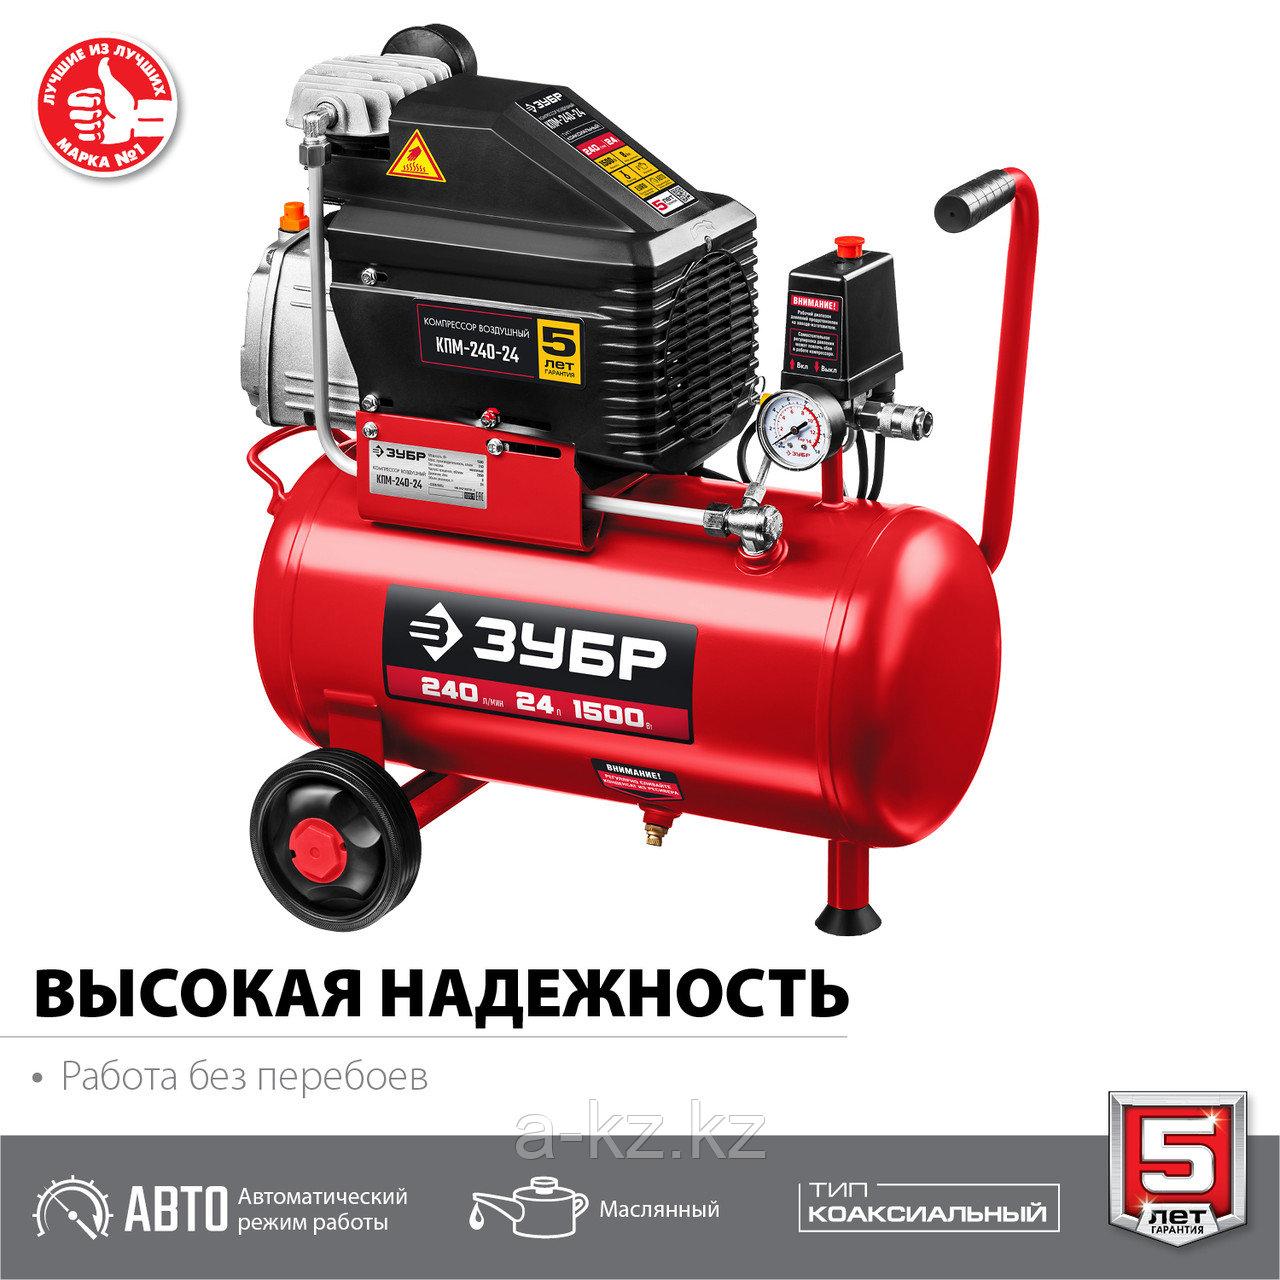 Компрессор воздушный, 240 л/мин, 24 л, 1500 Вт, ЗУБР - фото 6